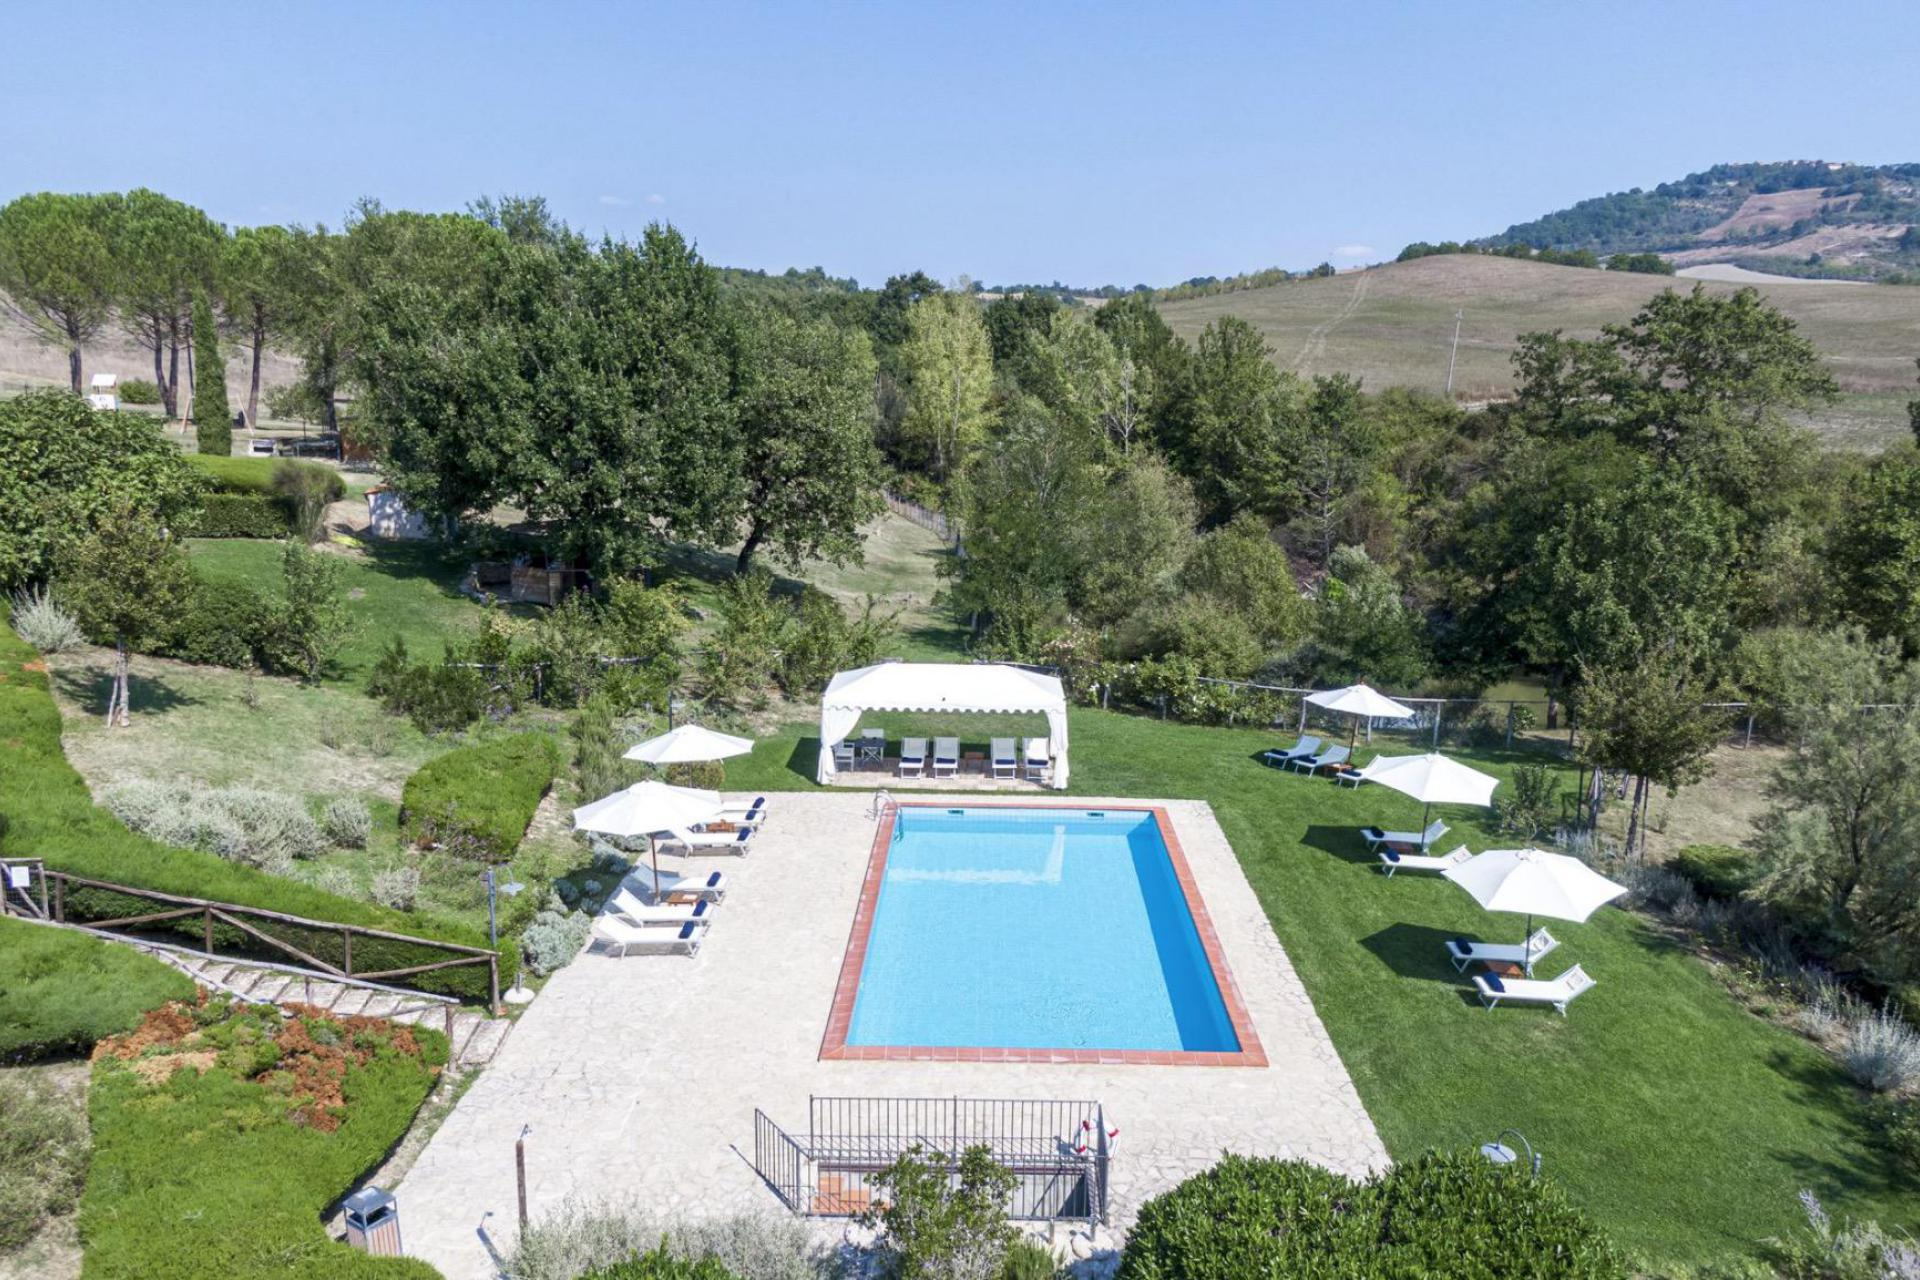 Agriturismo Tuscany Agriturismo Tuscany with tastefully decorated apartments